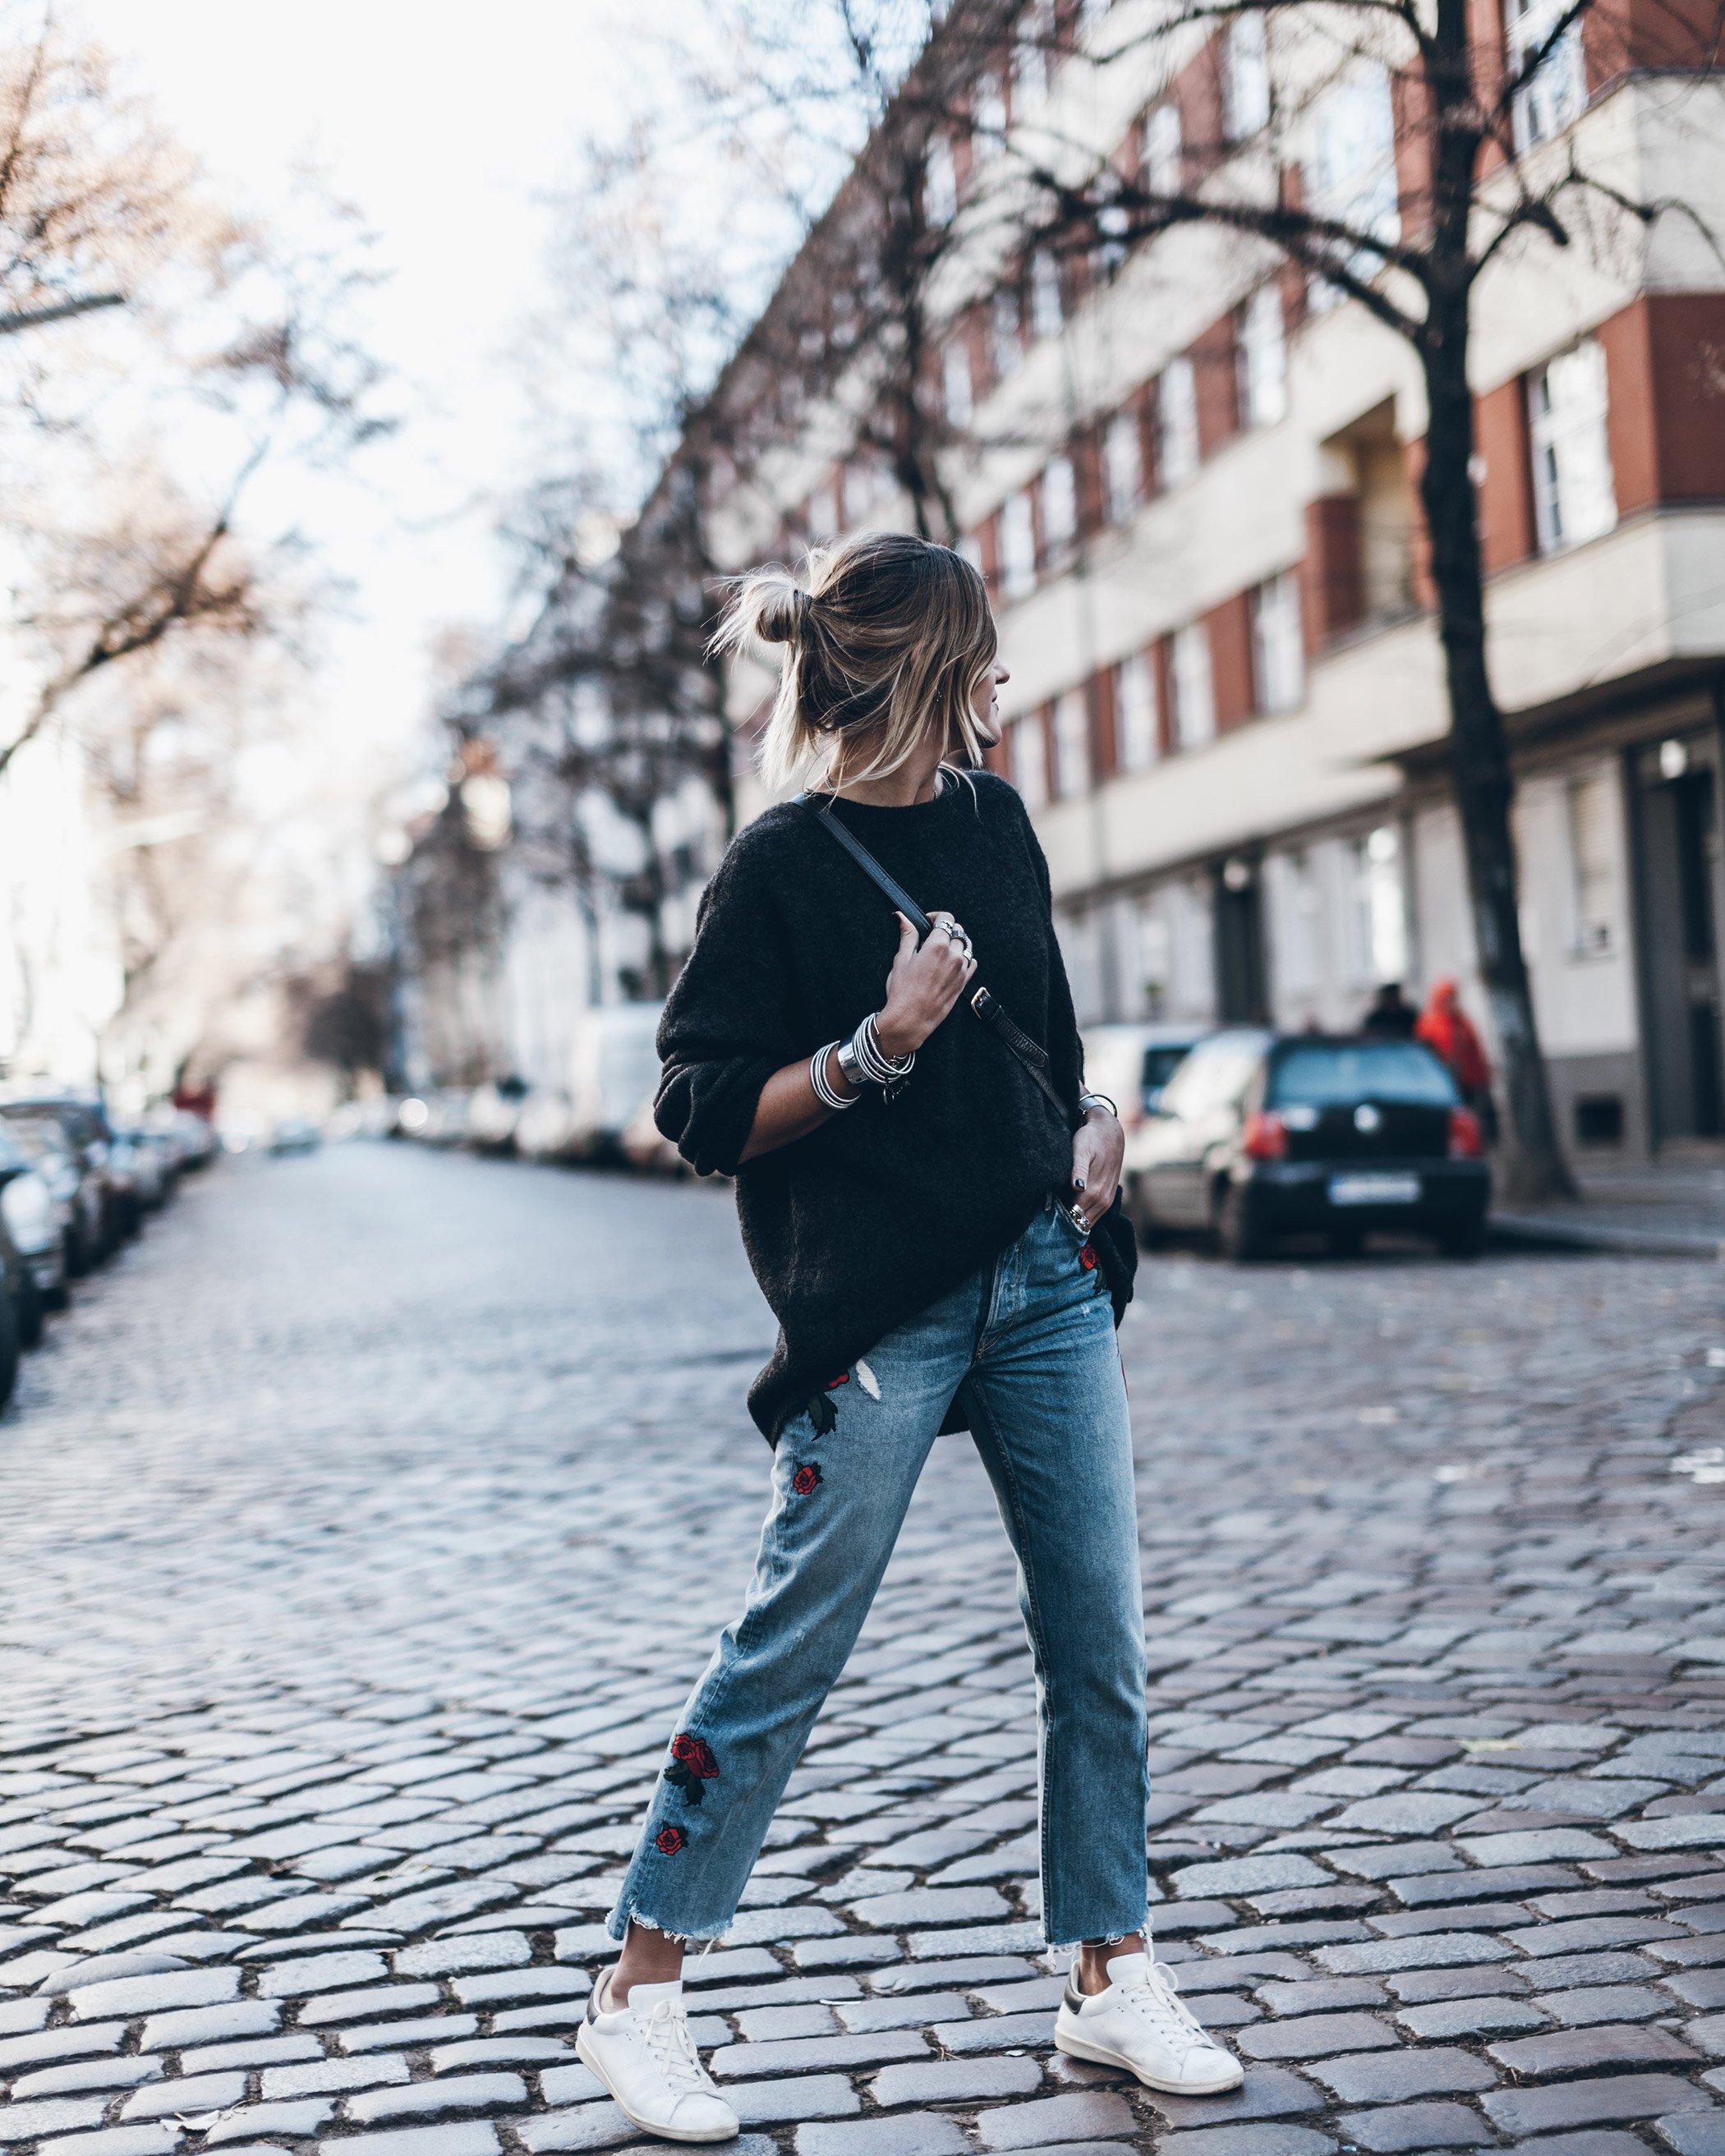 mikuta-revolve-chili-jeans-7